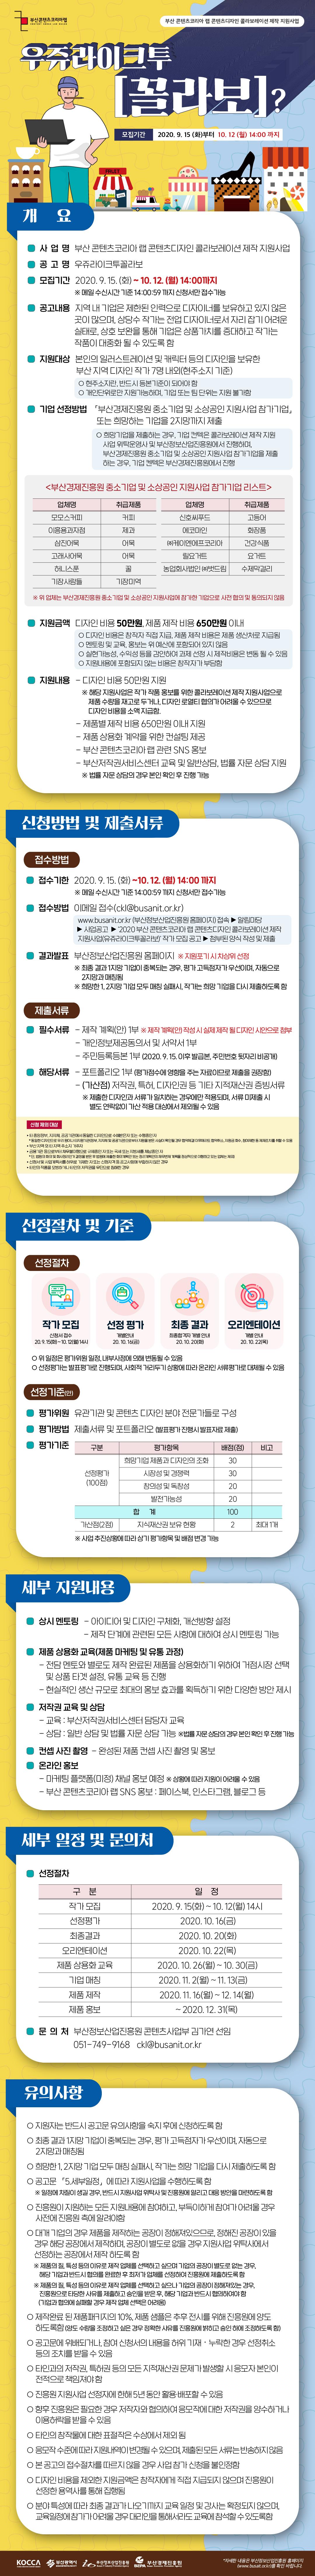 2020 부산 콘텐츠코리아 랩 콘텐츠디자인 콜라보레이션 제작 지원사업 작가 모집 공고(연장)